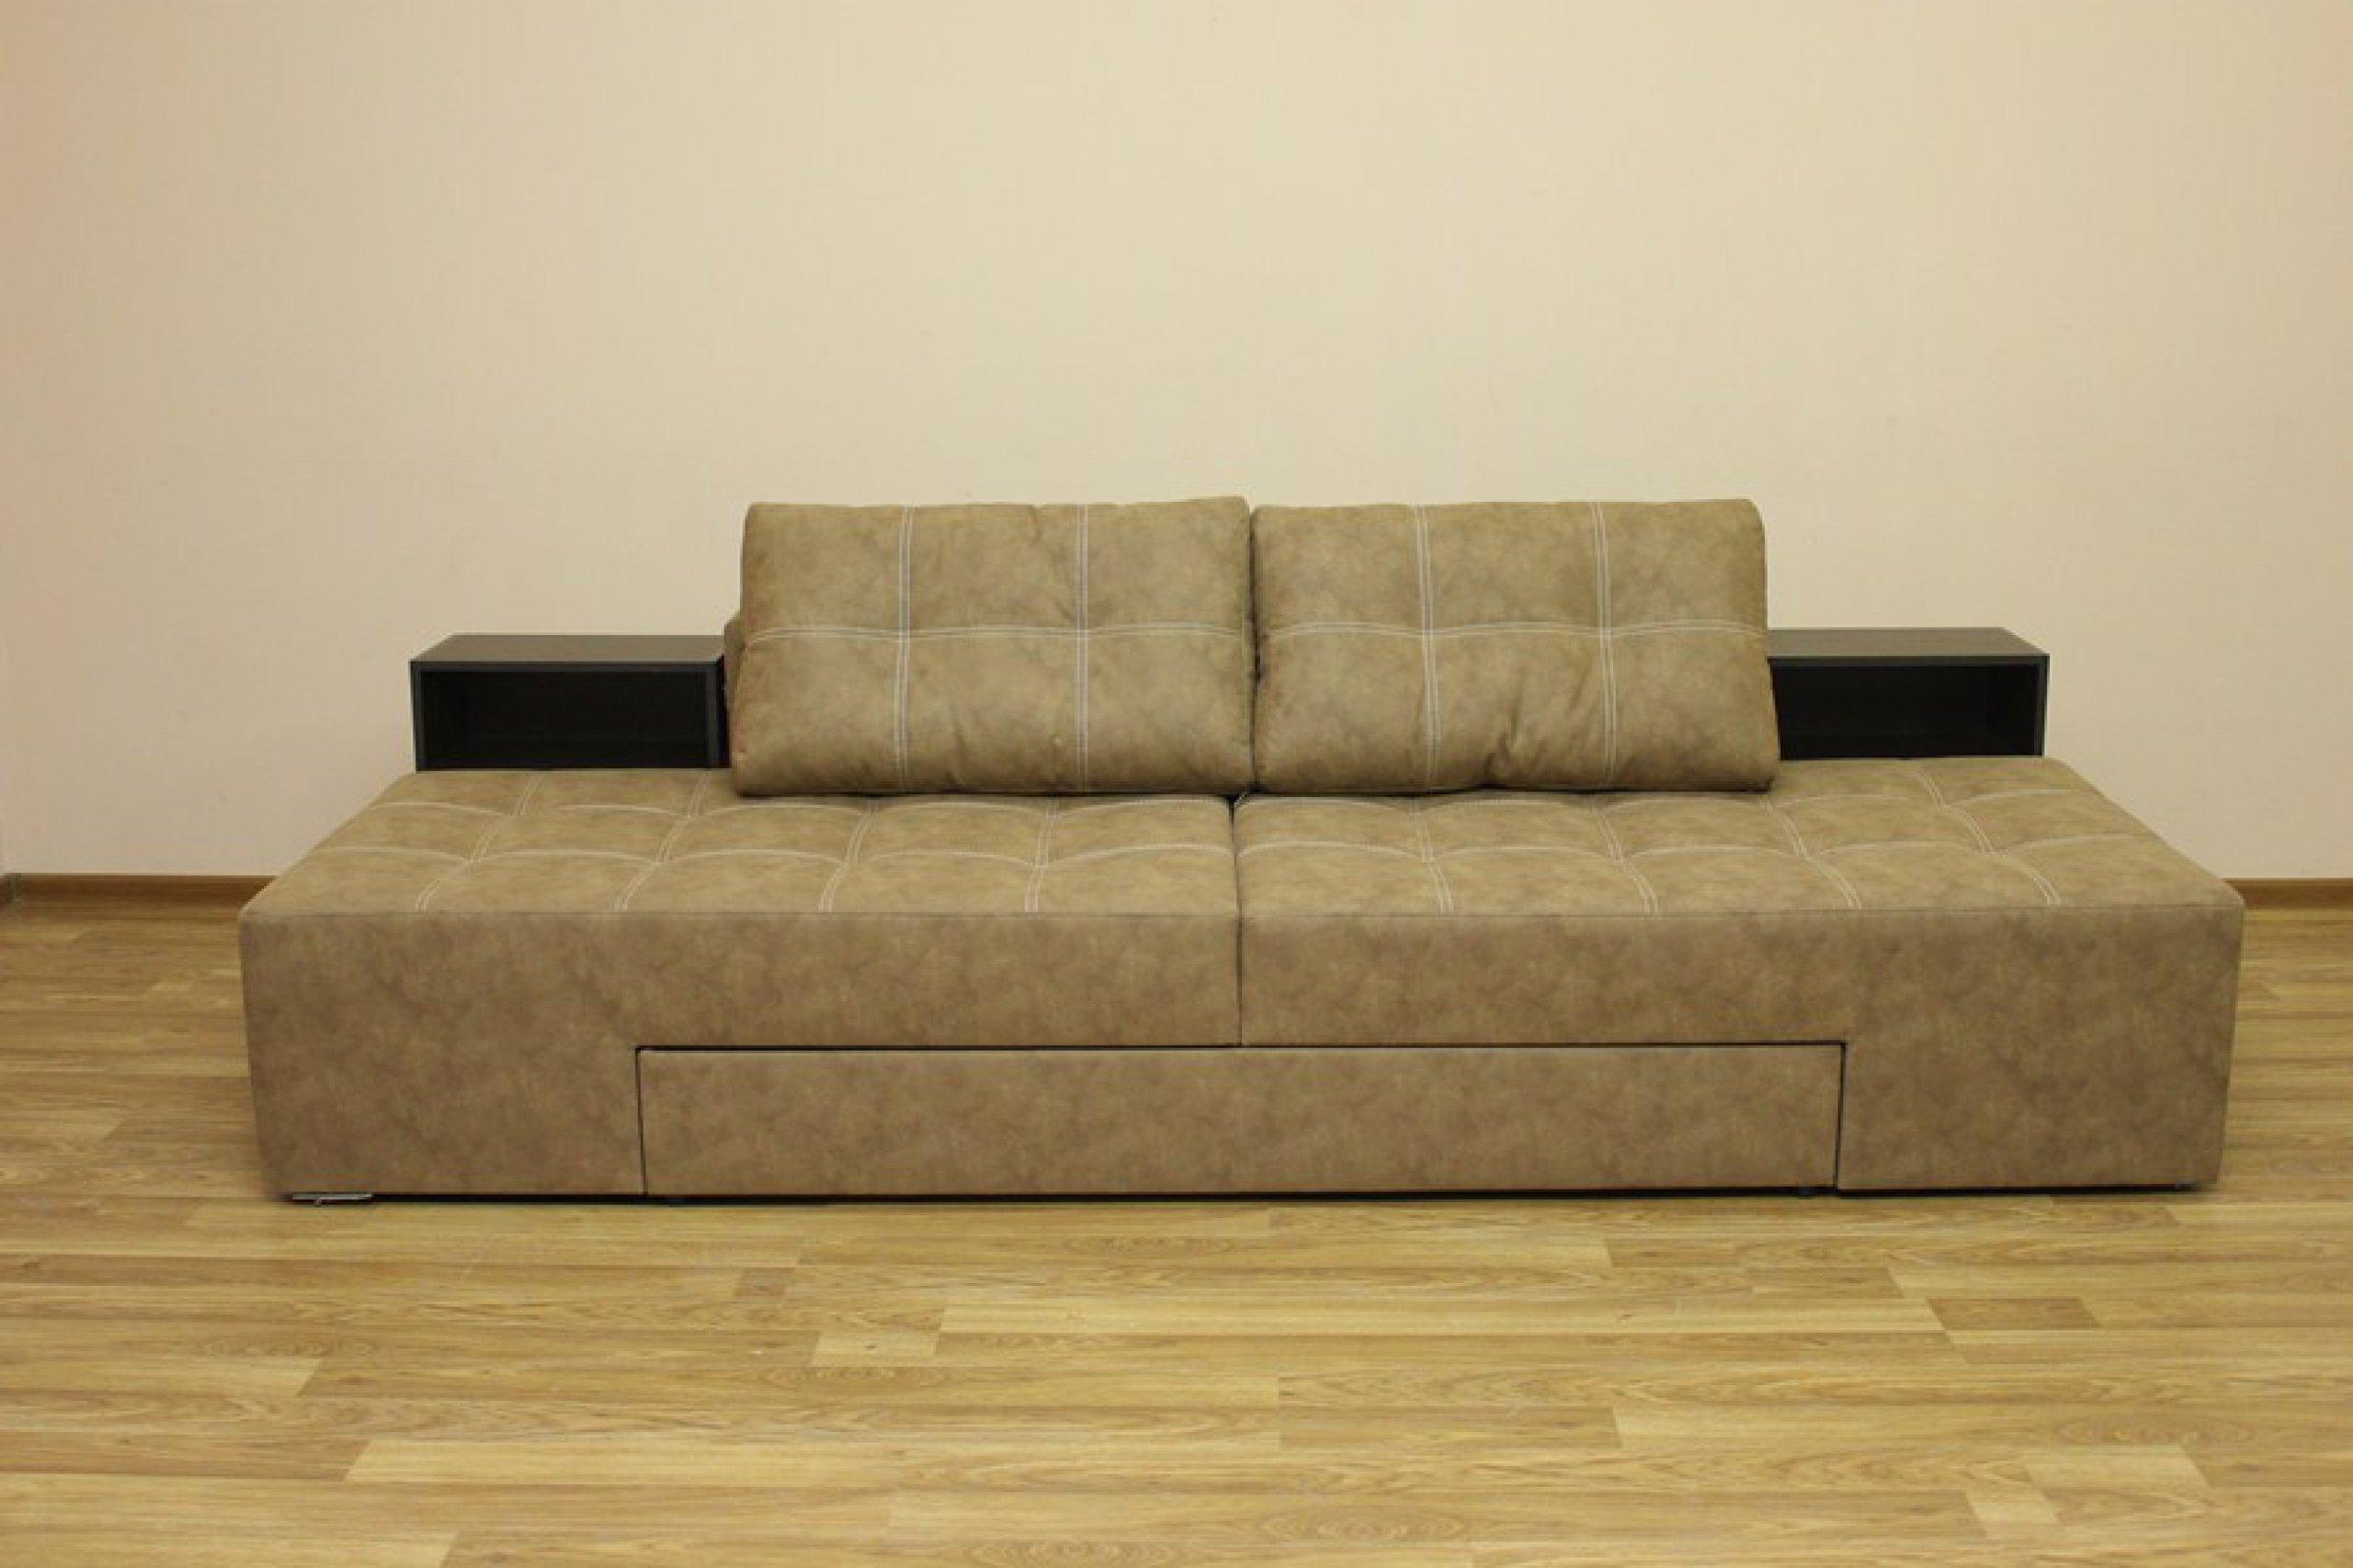 купить диван трансформер недорого в украине Divaniua